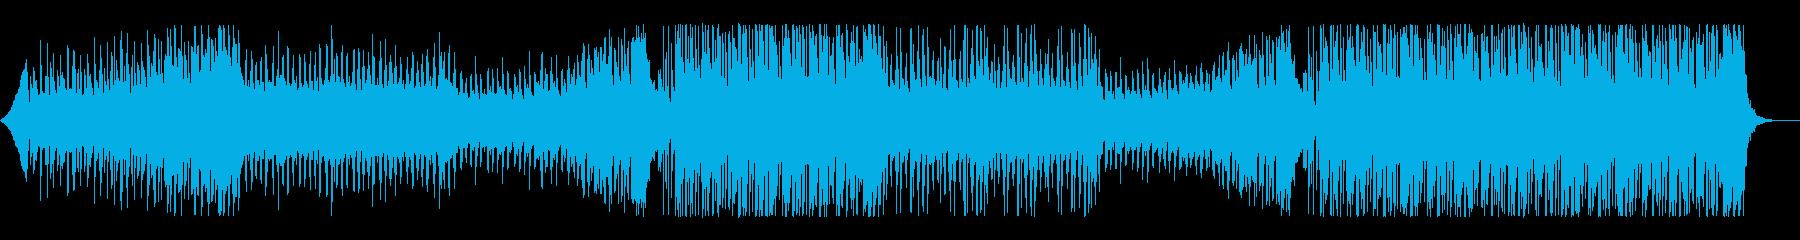 爽やかで透明感のあるトロピカルハウスの再生済みの波形